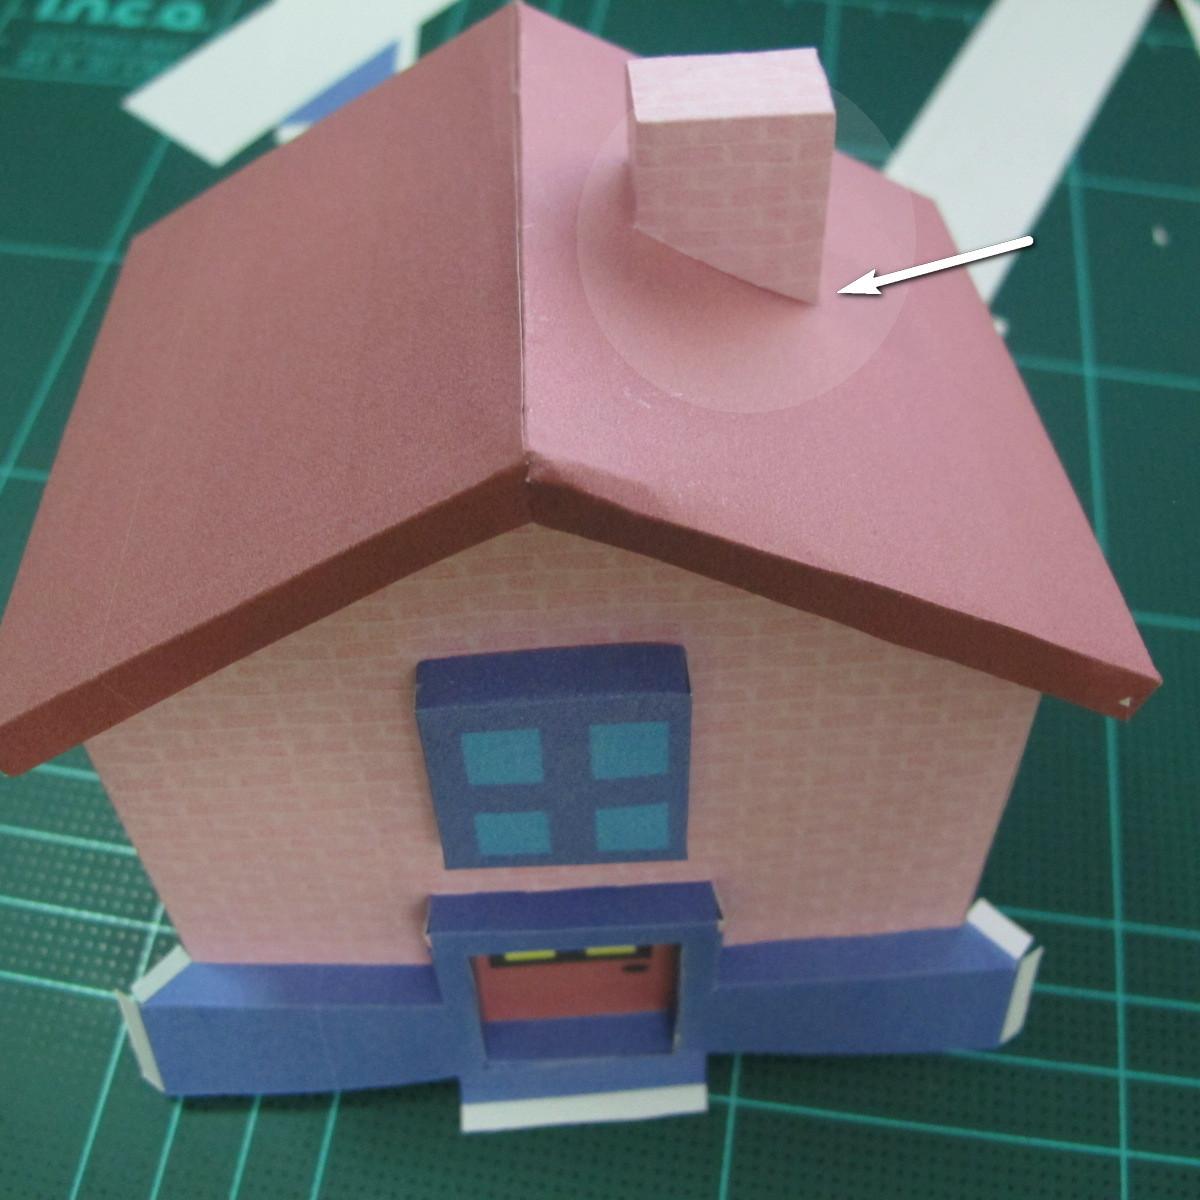 วิธีทำโมเดลกระดาษเป็นรูปบ้าน (Little House Papercraft Model) 012